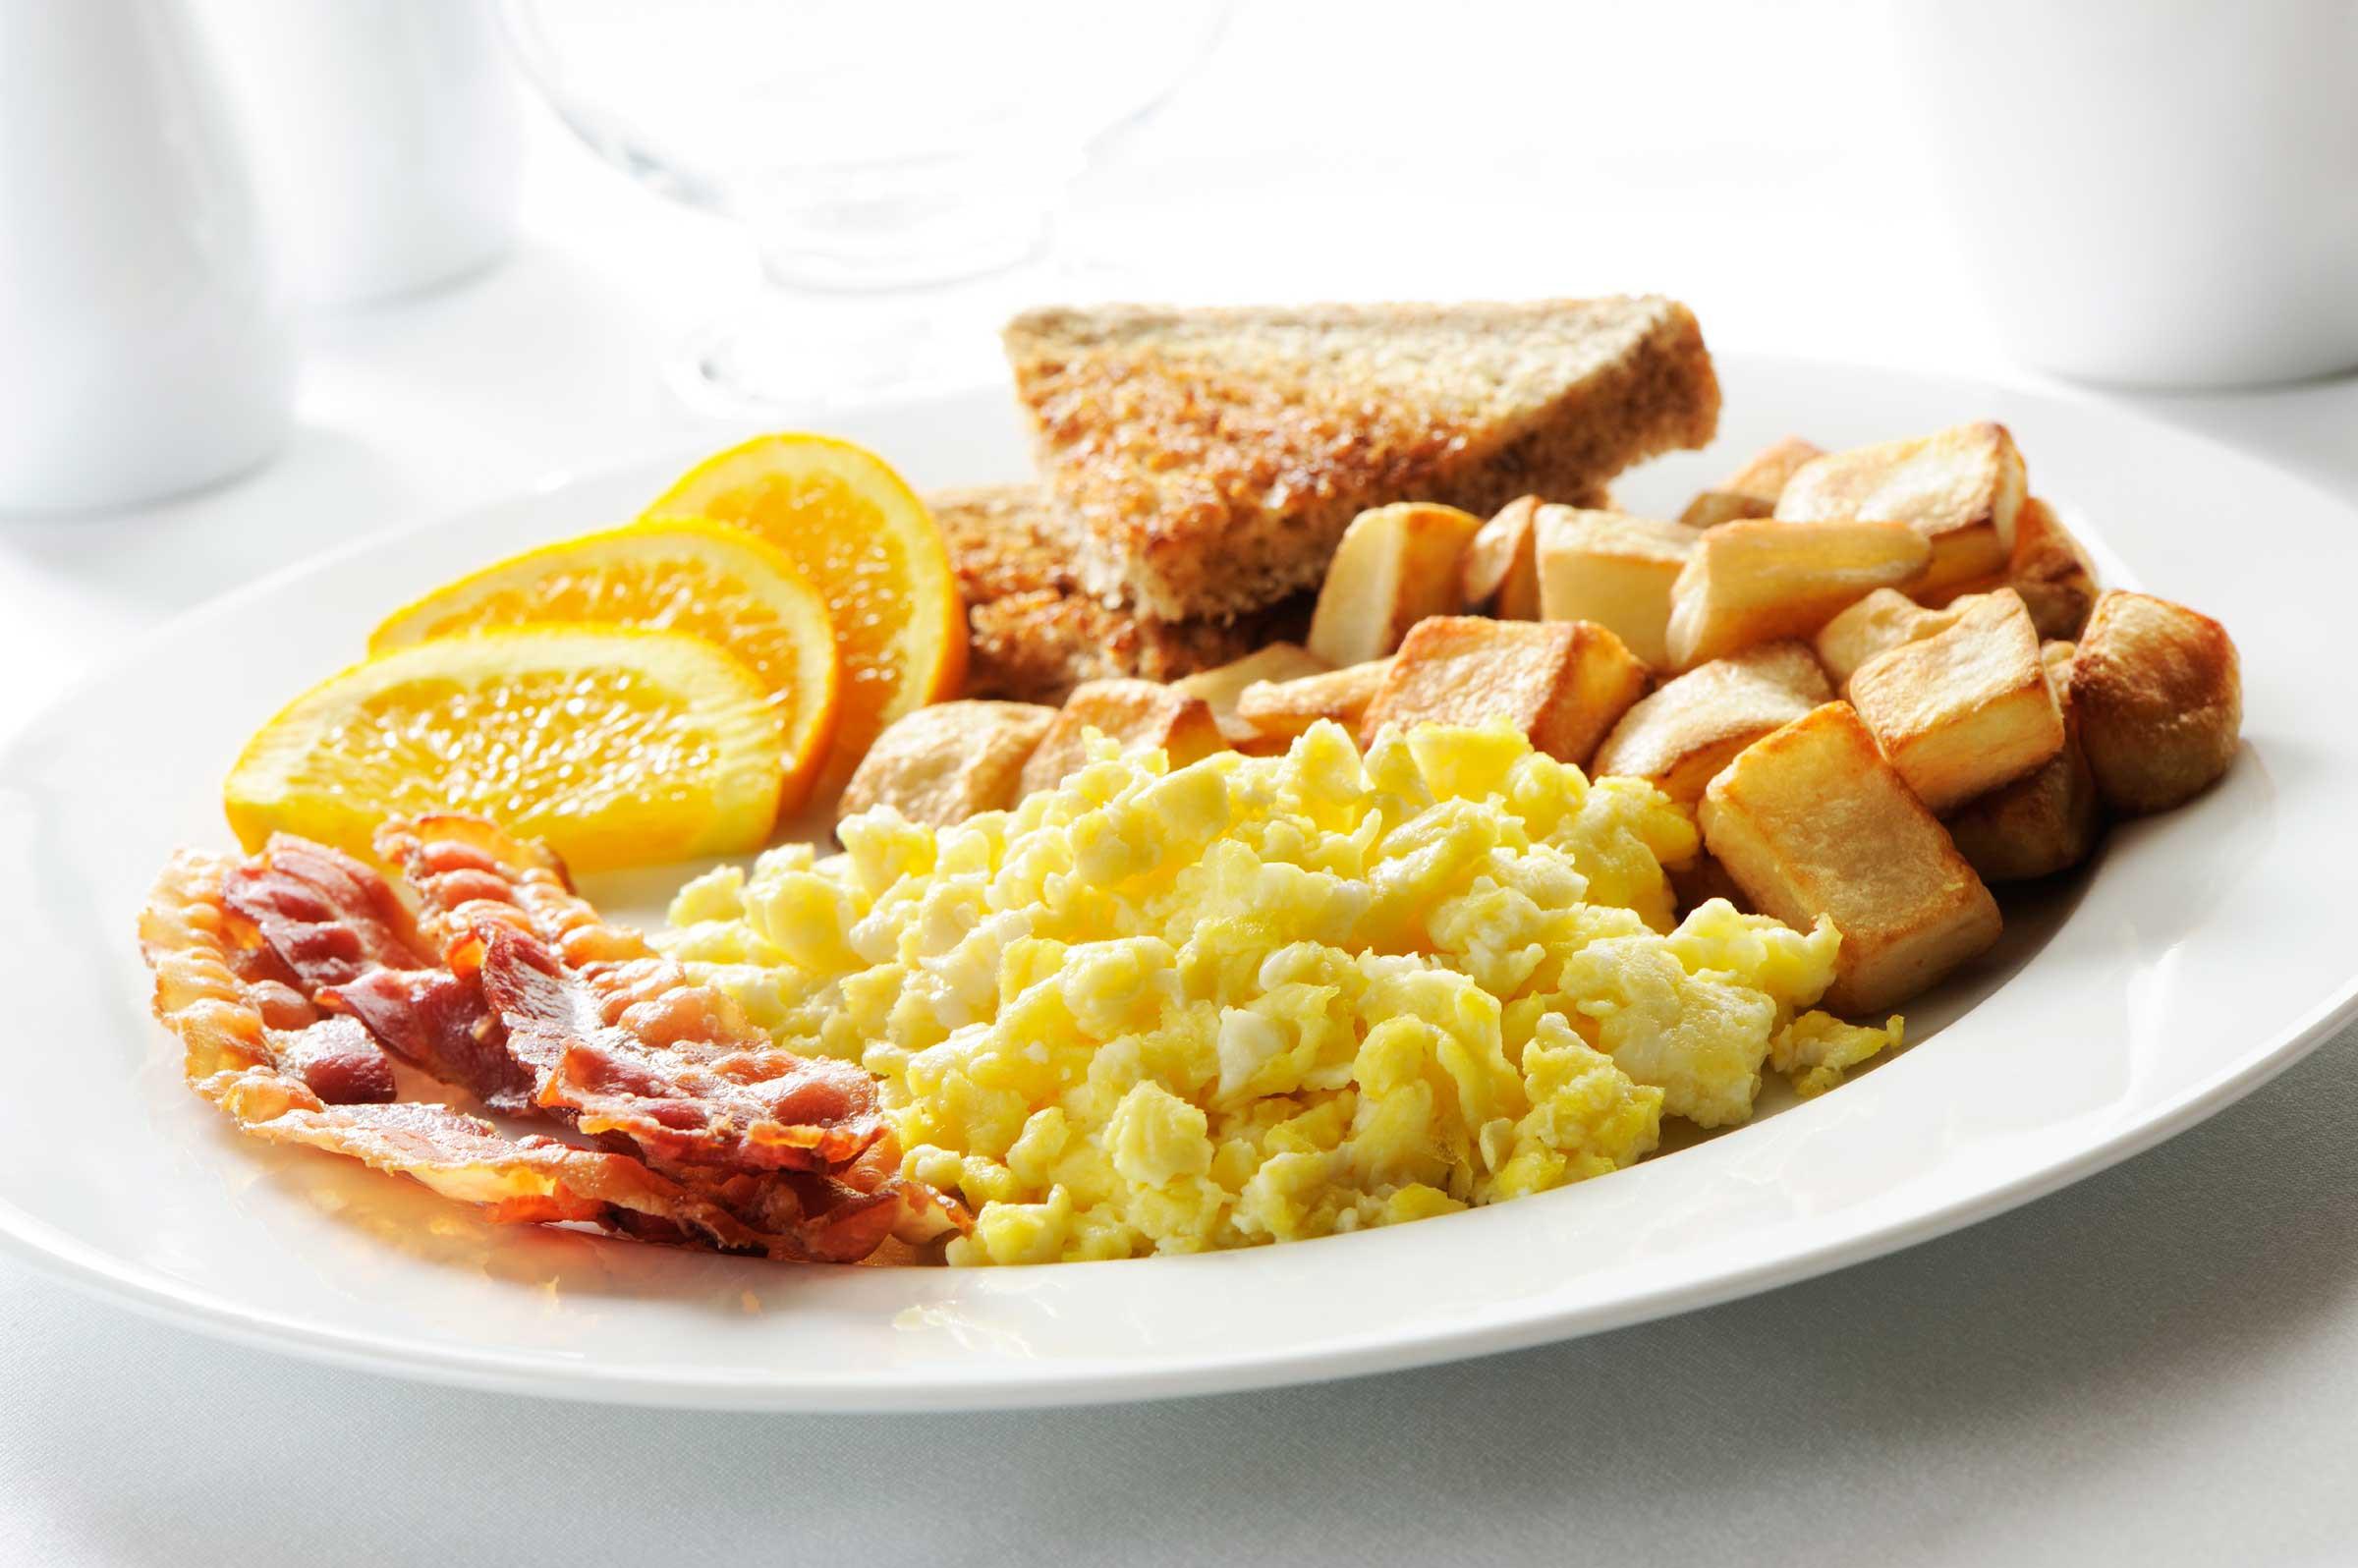 Healthy Diabetic Breakfast  Breakfast for Diabetics 11 Healthy Tips